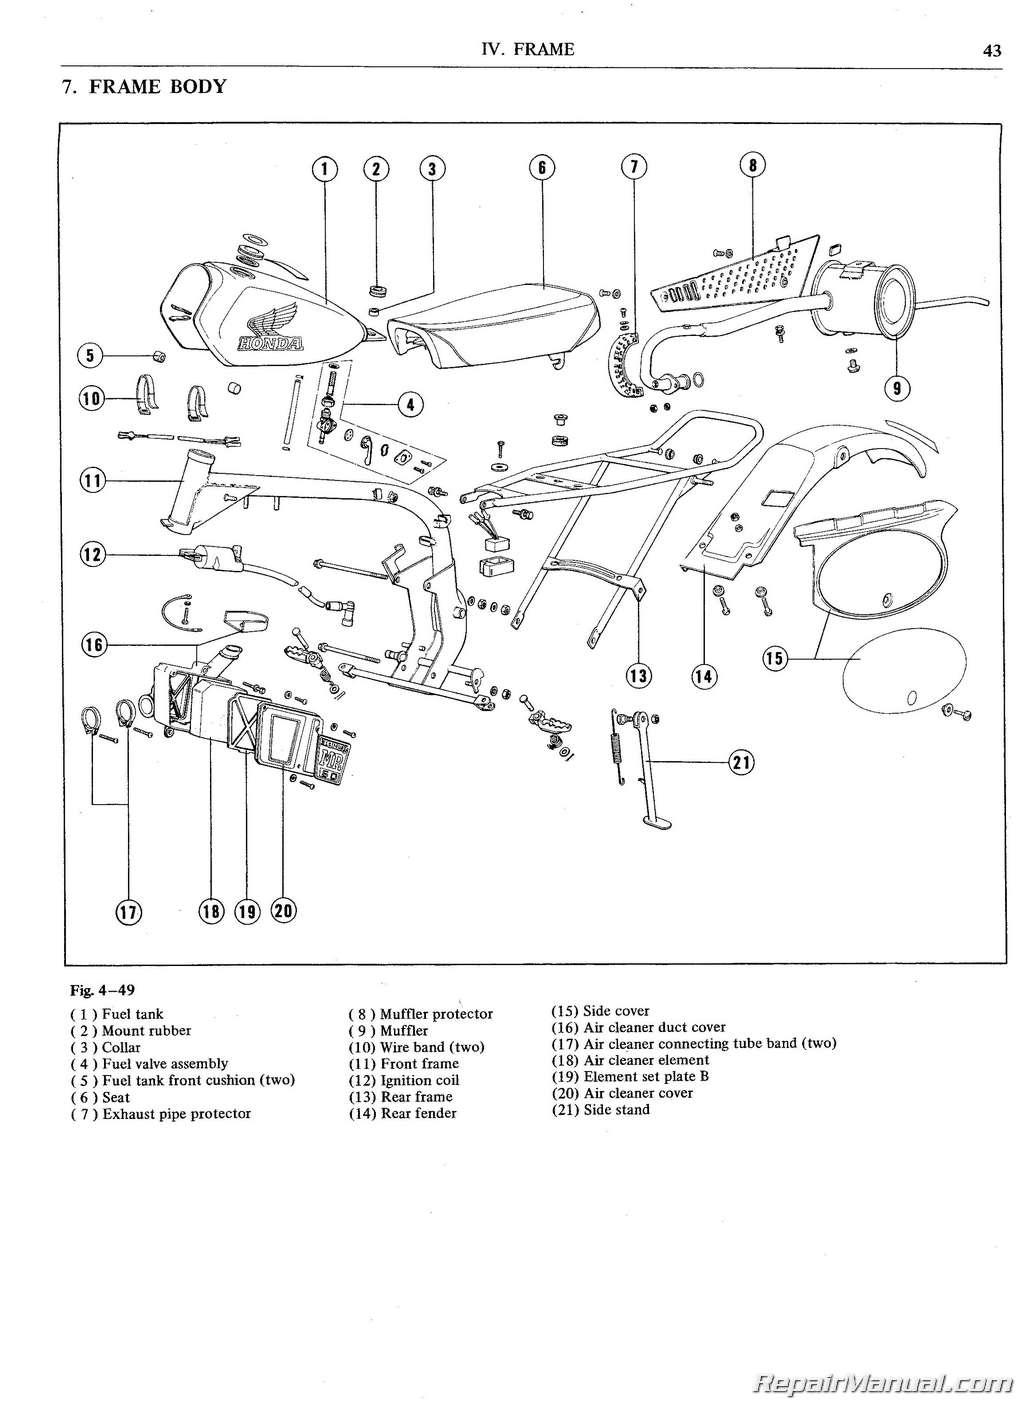 hight resolution of honda mr50 wiring diagram free wiring diagram for you u2022 wiring diagram honda cl360 honda